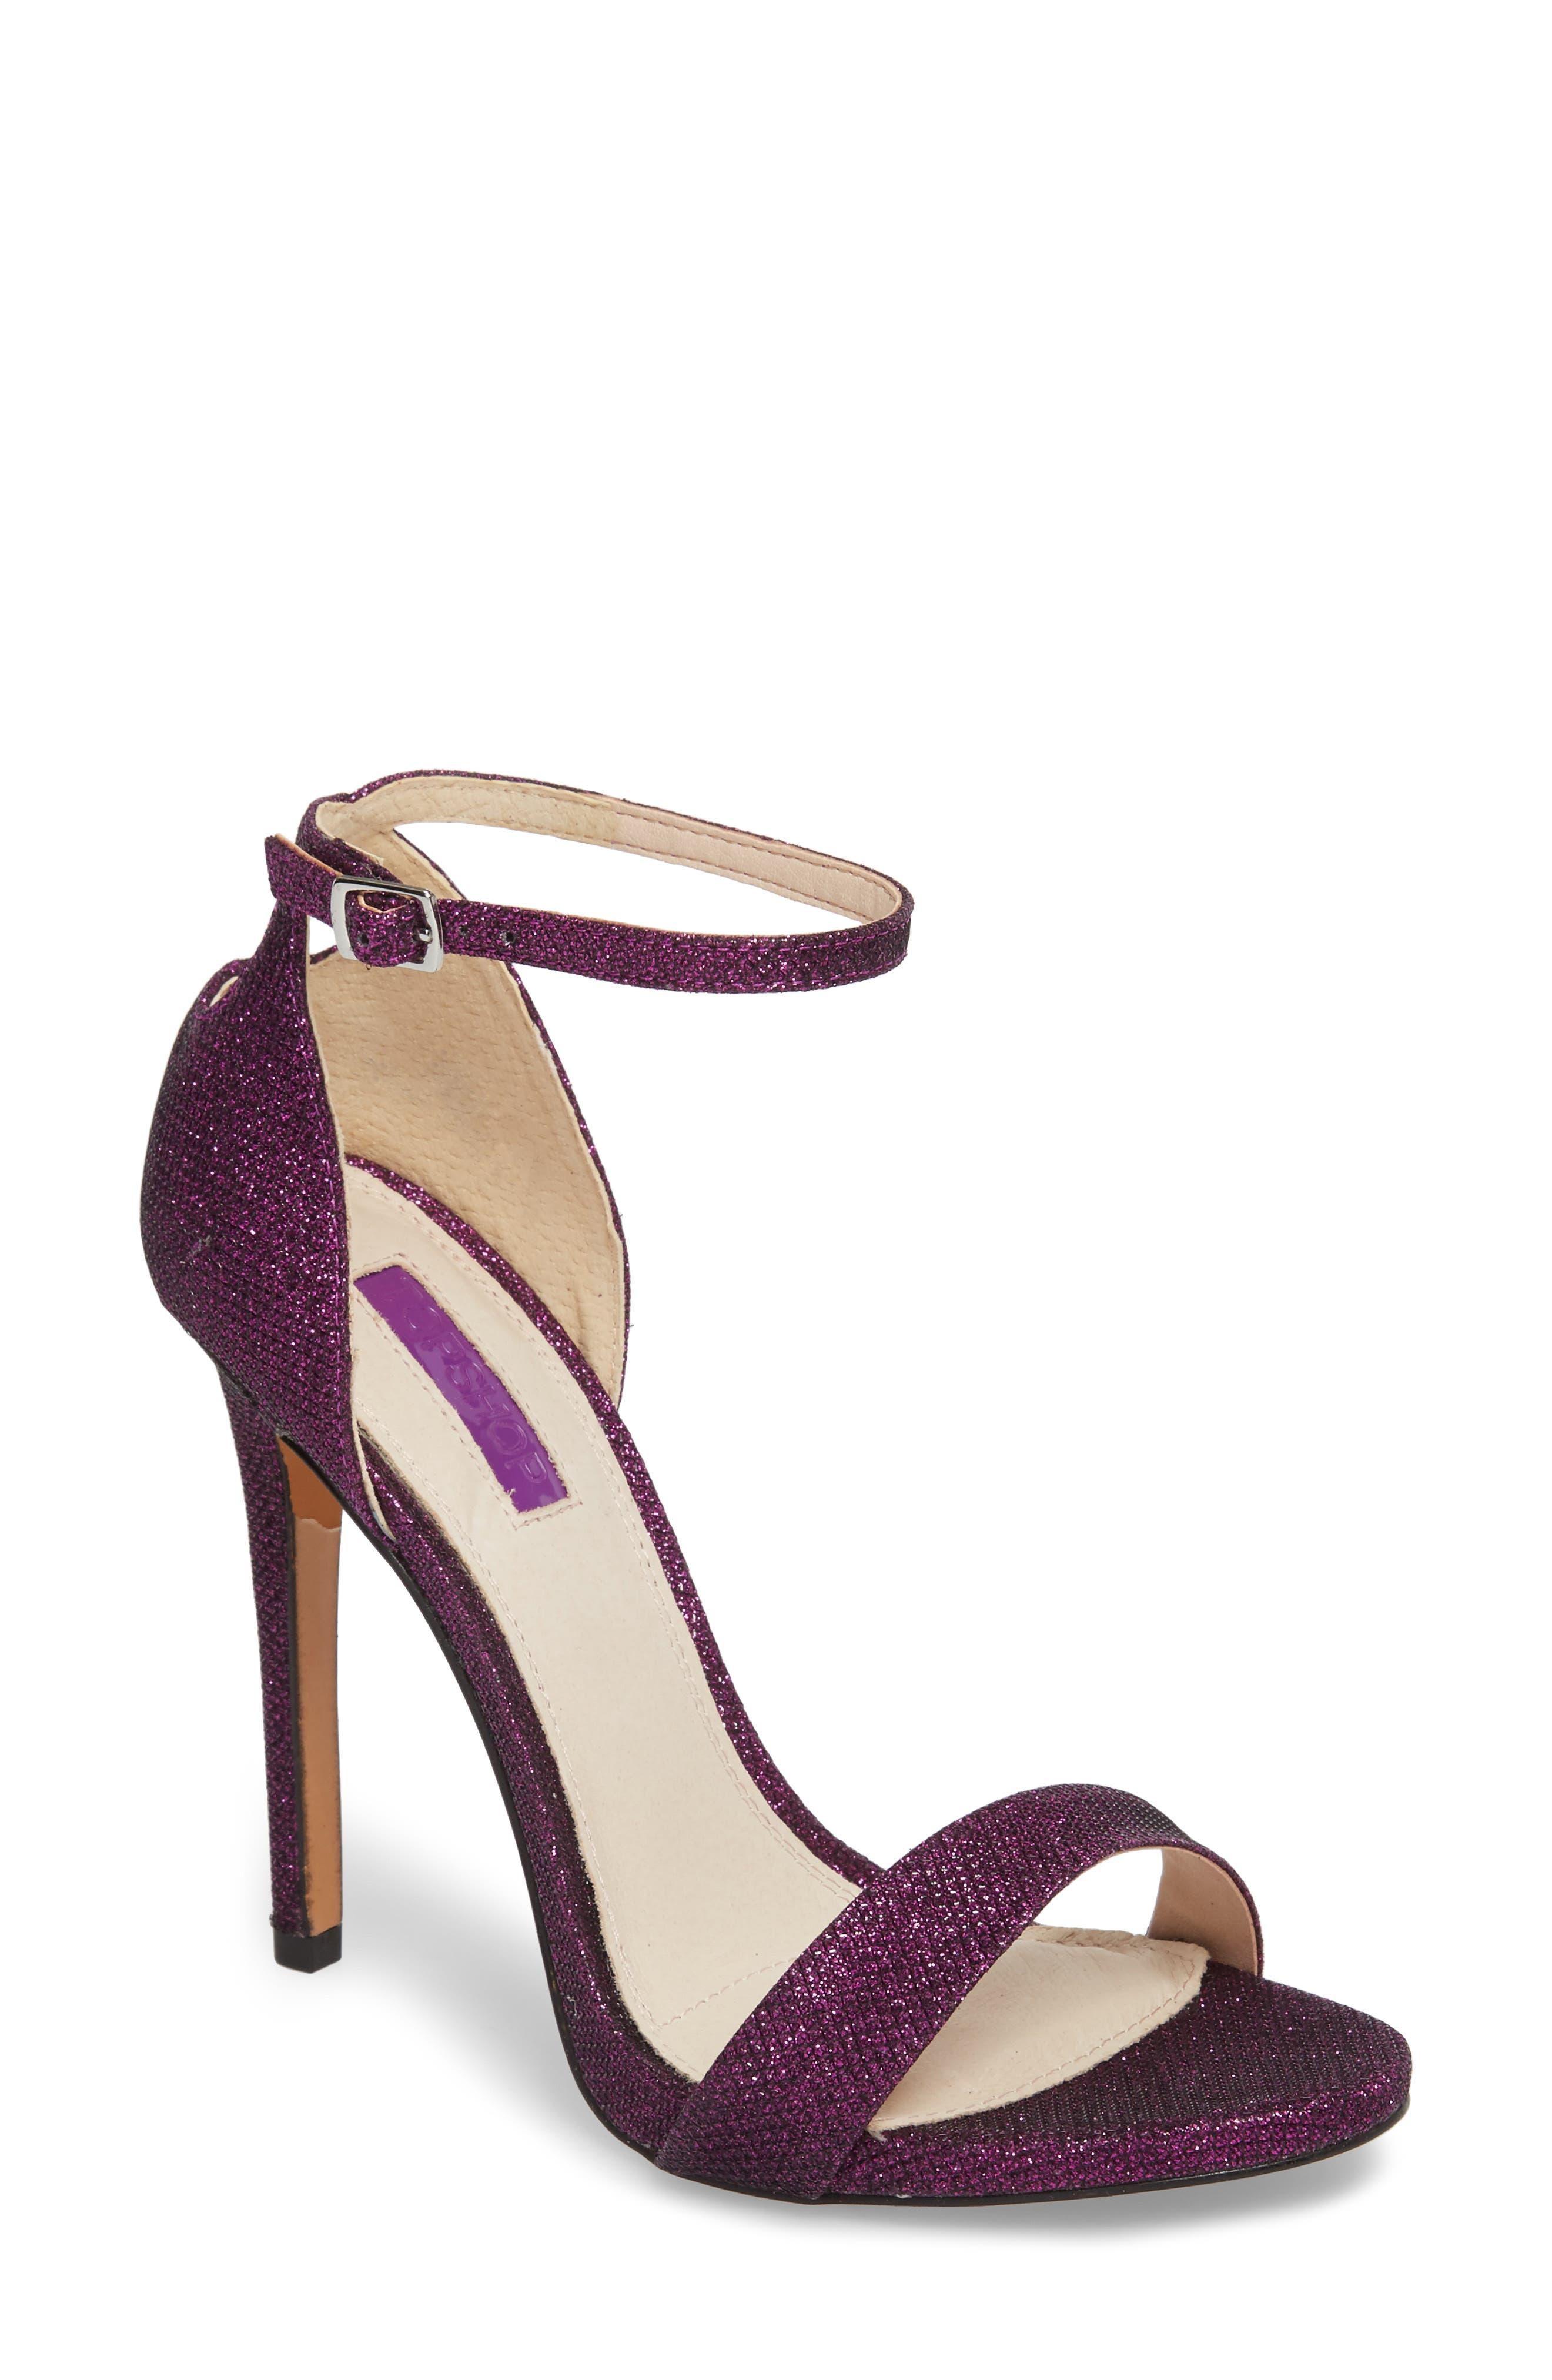 Raphie Ankle Strap Sandal,                         Main,                         color, PURPLE